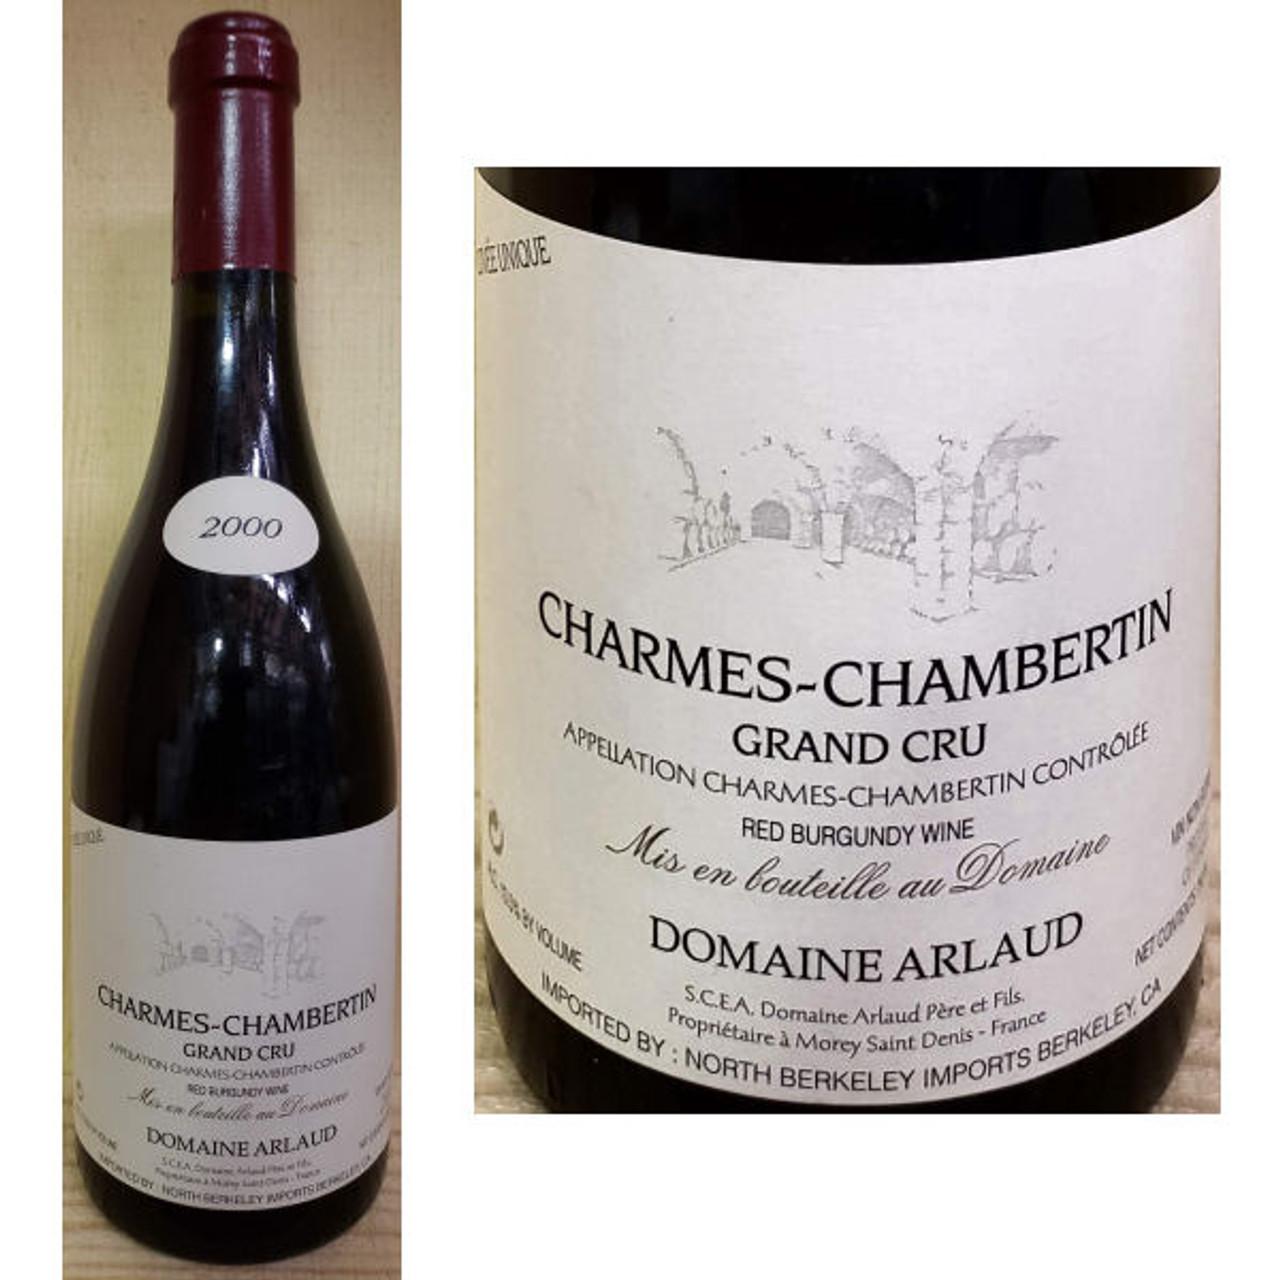 Domaine Arlaud Charmes-Chambertin Grand Cru Red Burgundy